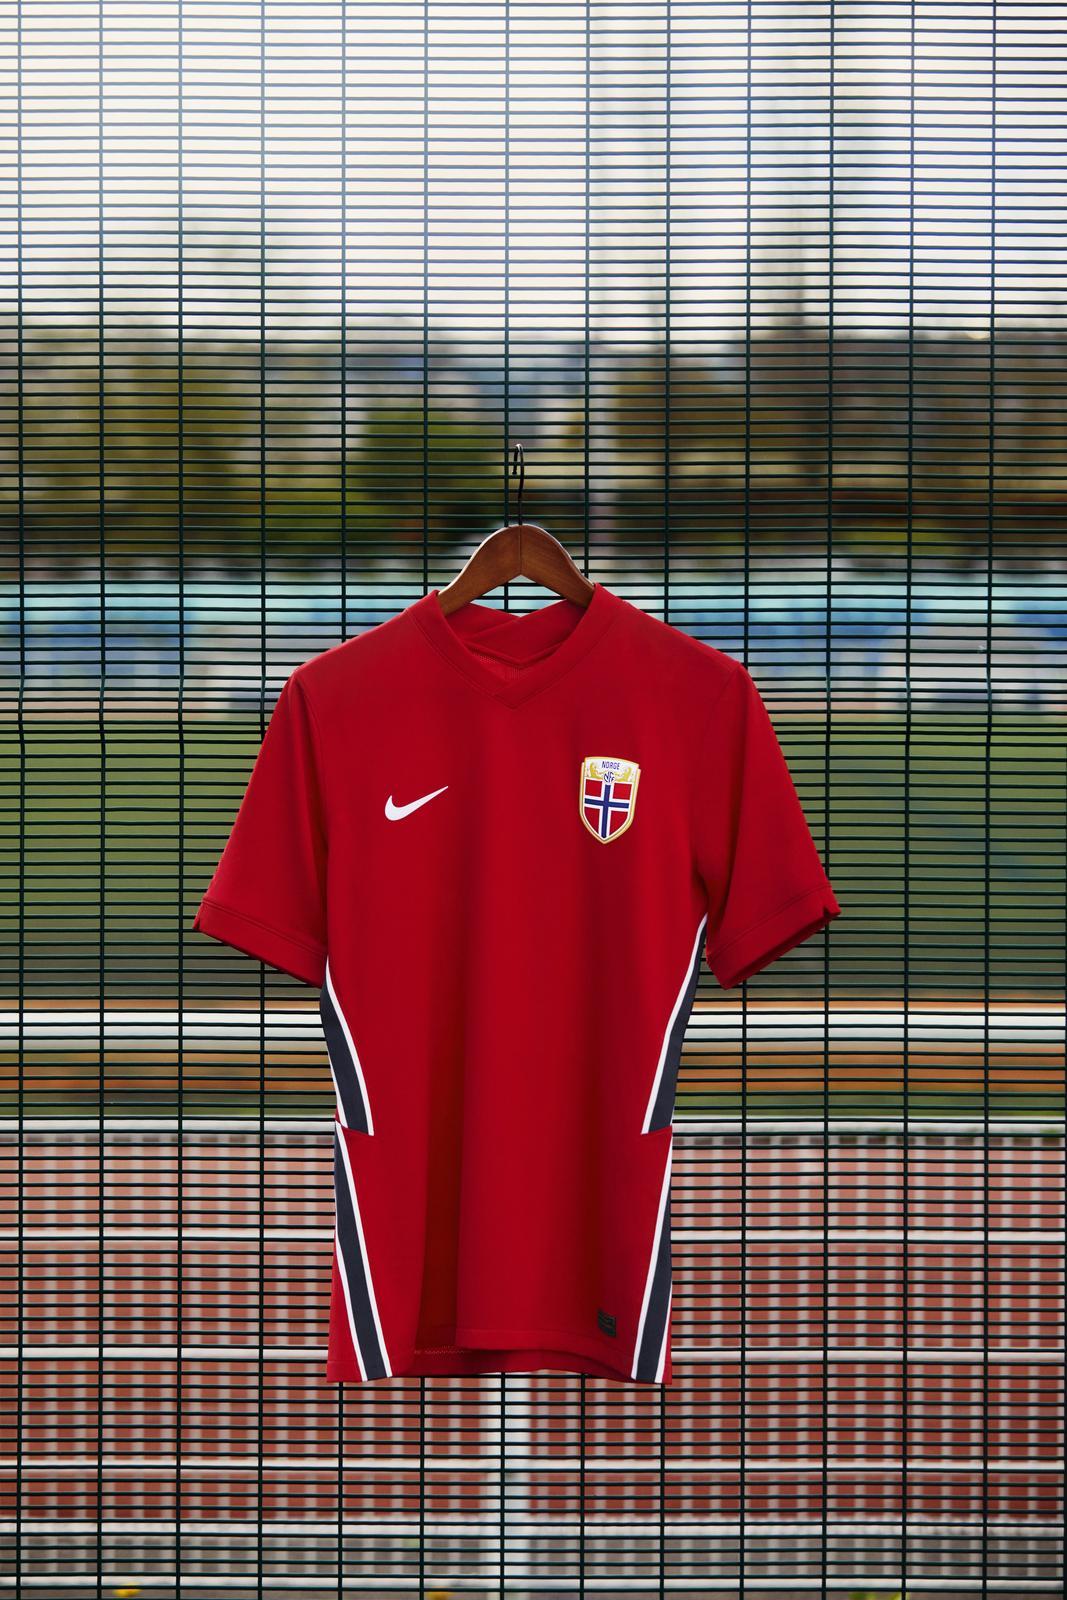 Nike 2020 Norway National Team Kit 2